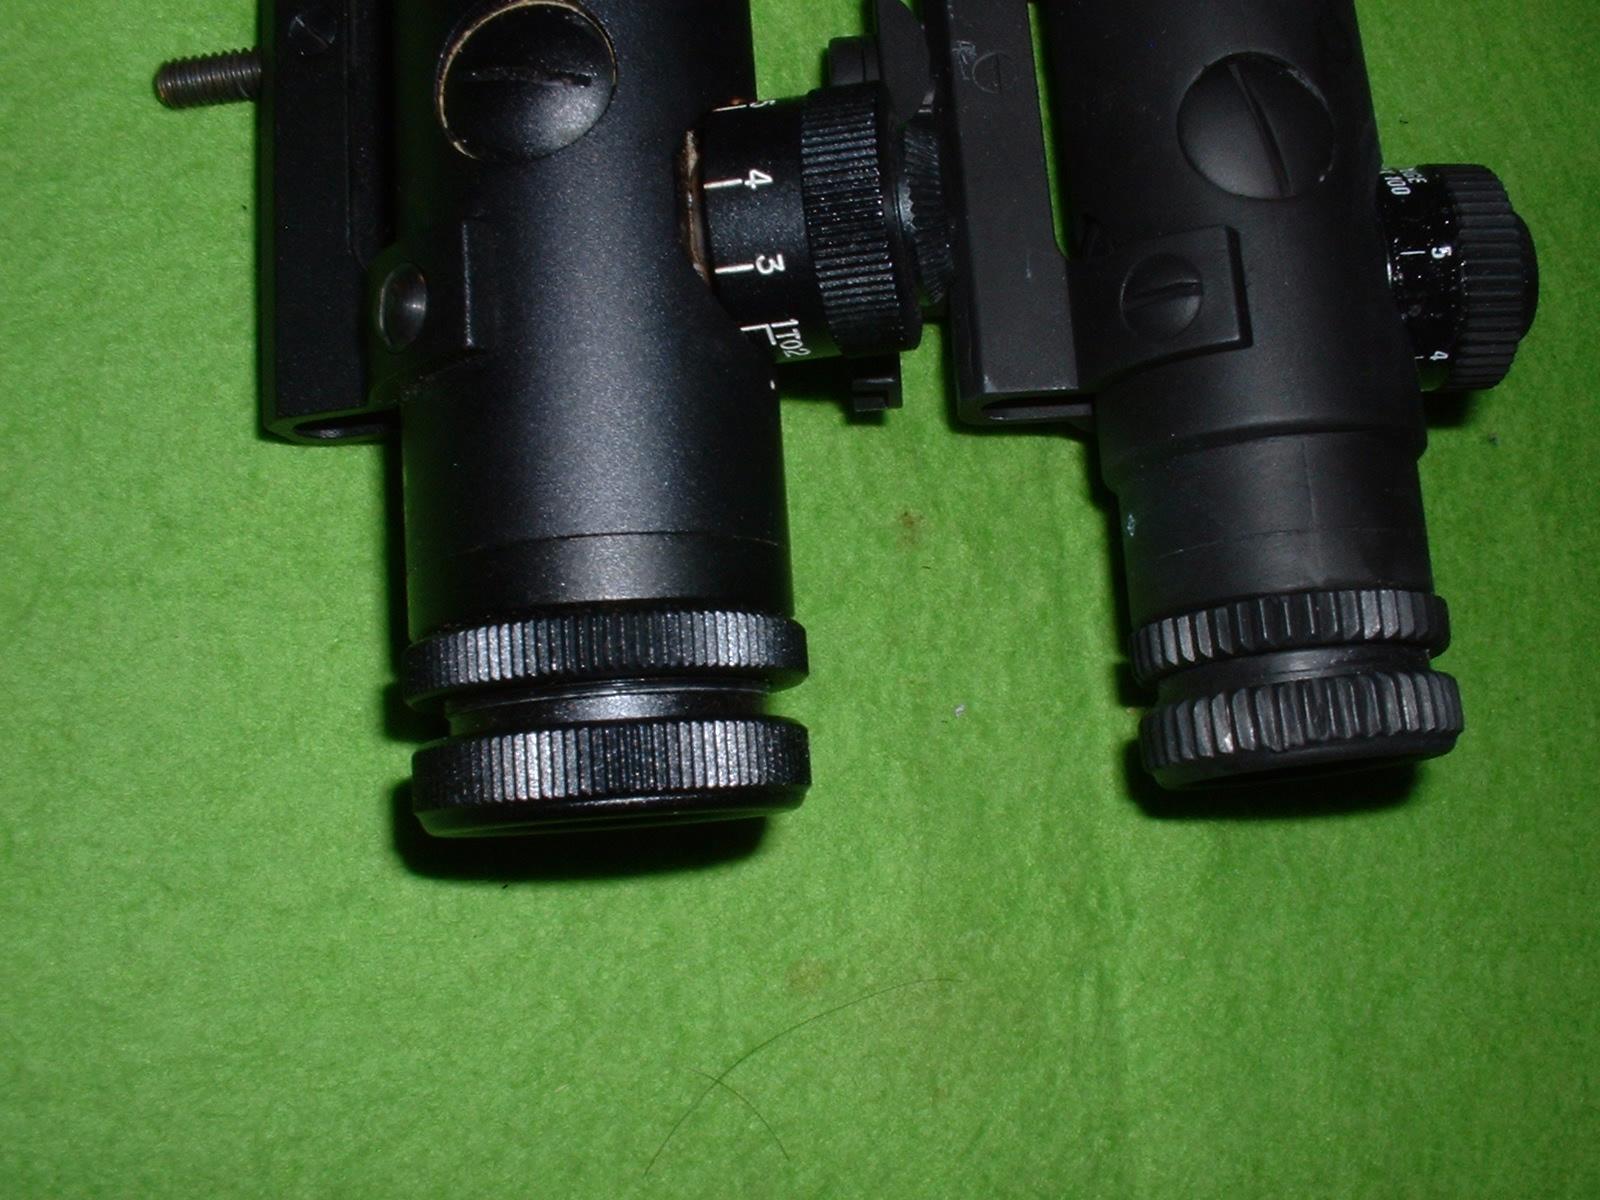 接眼部比較 左が実物用で右がLS Doburoku-TAO.JPG